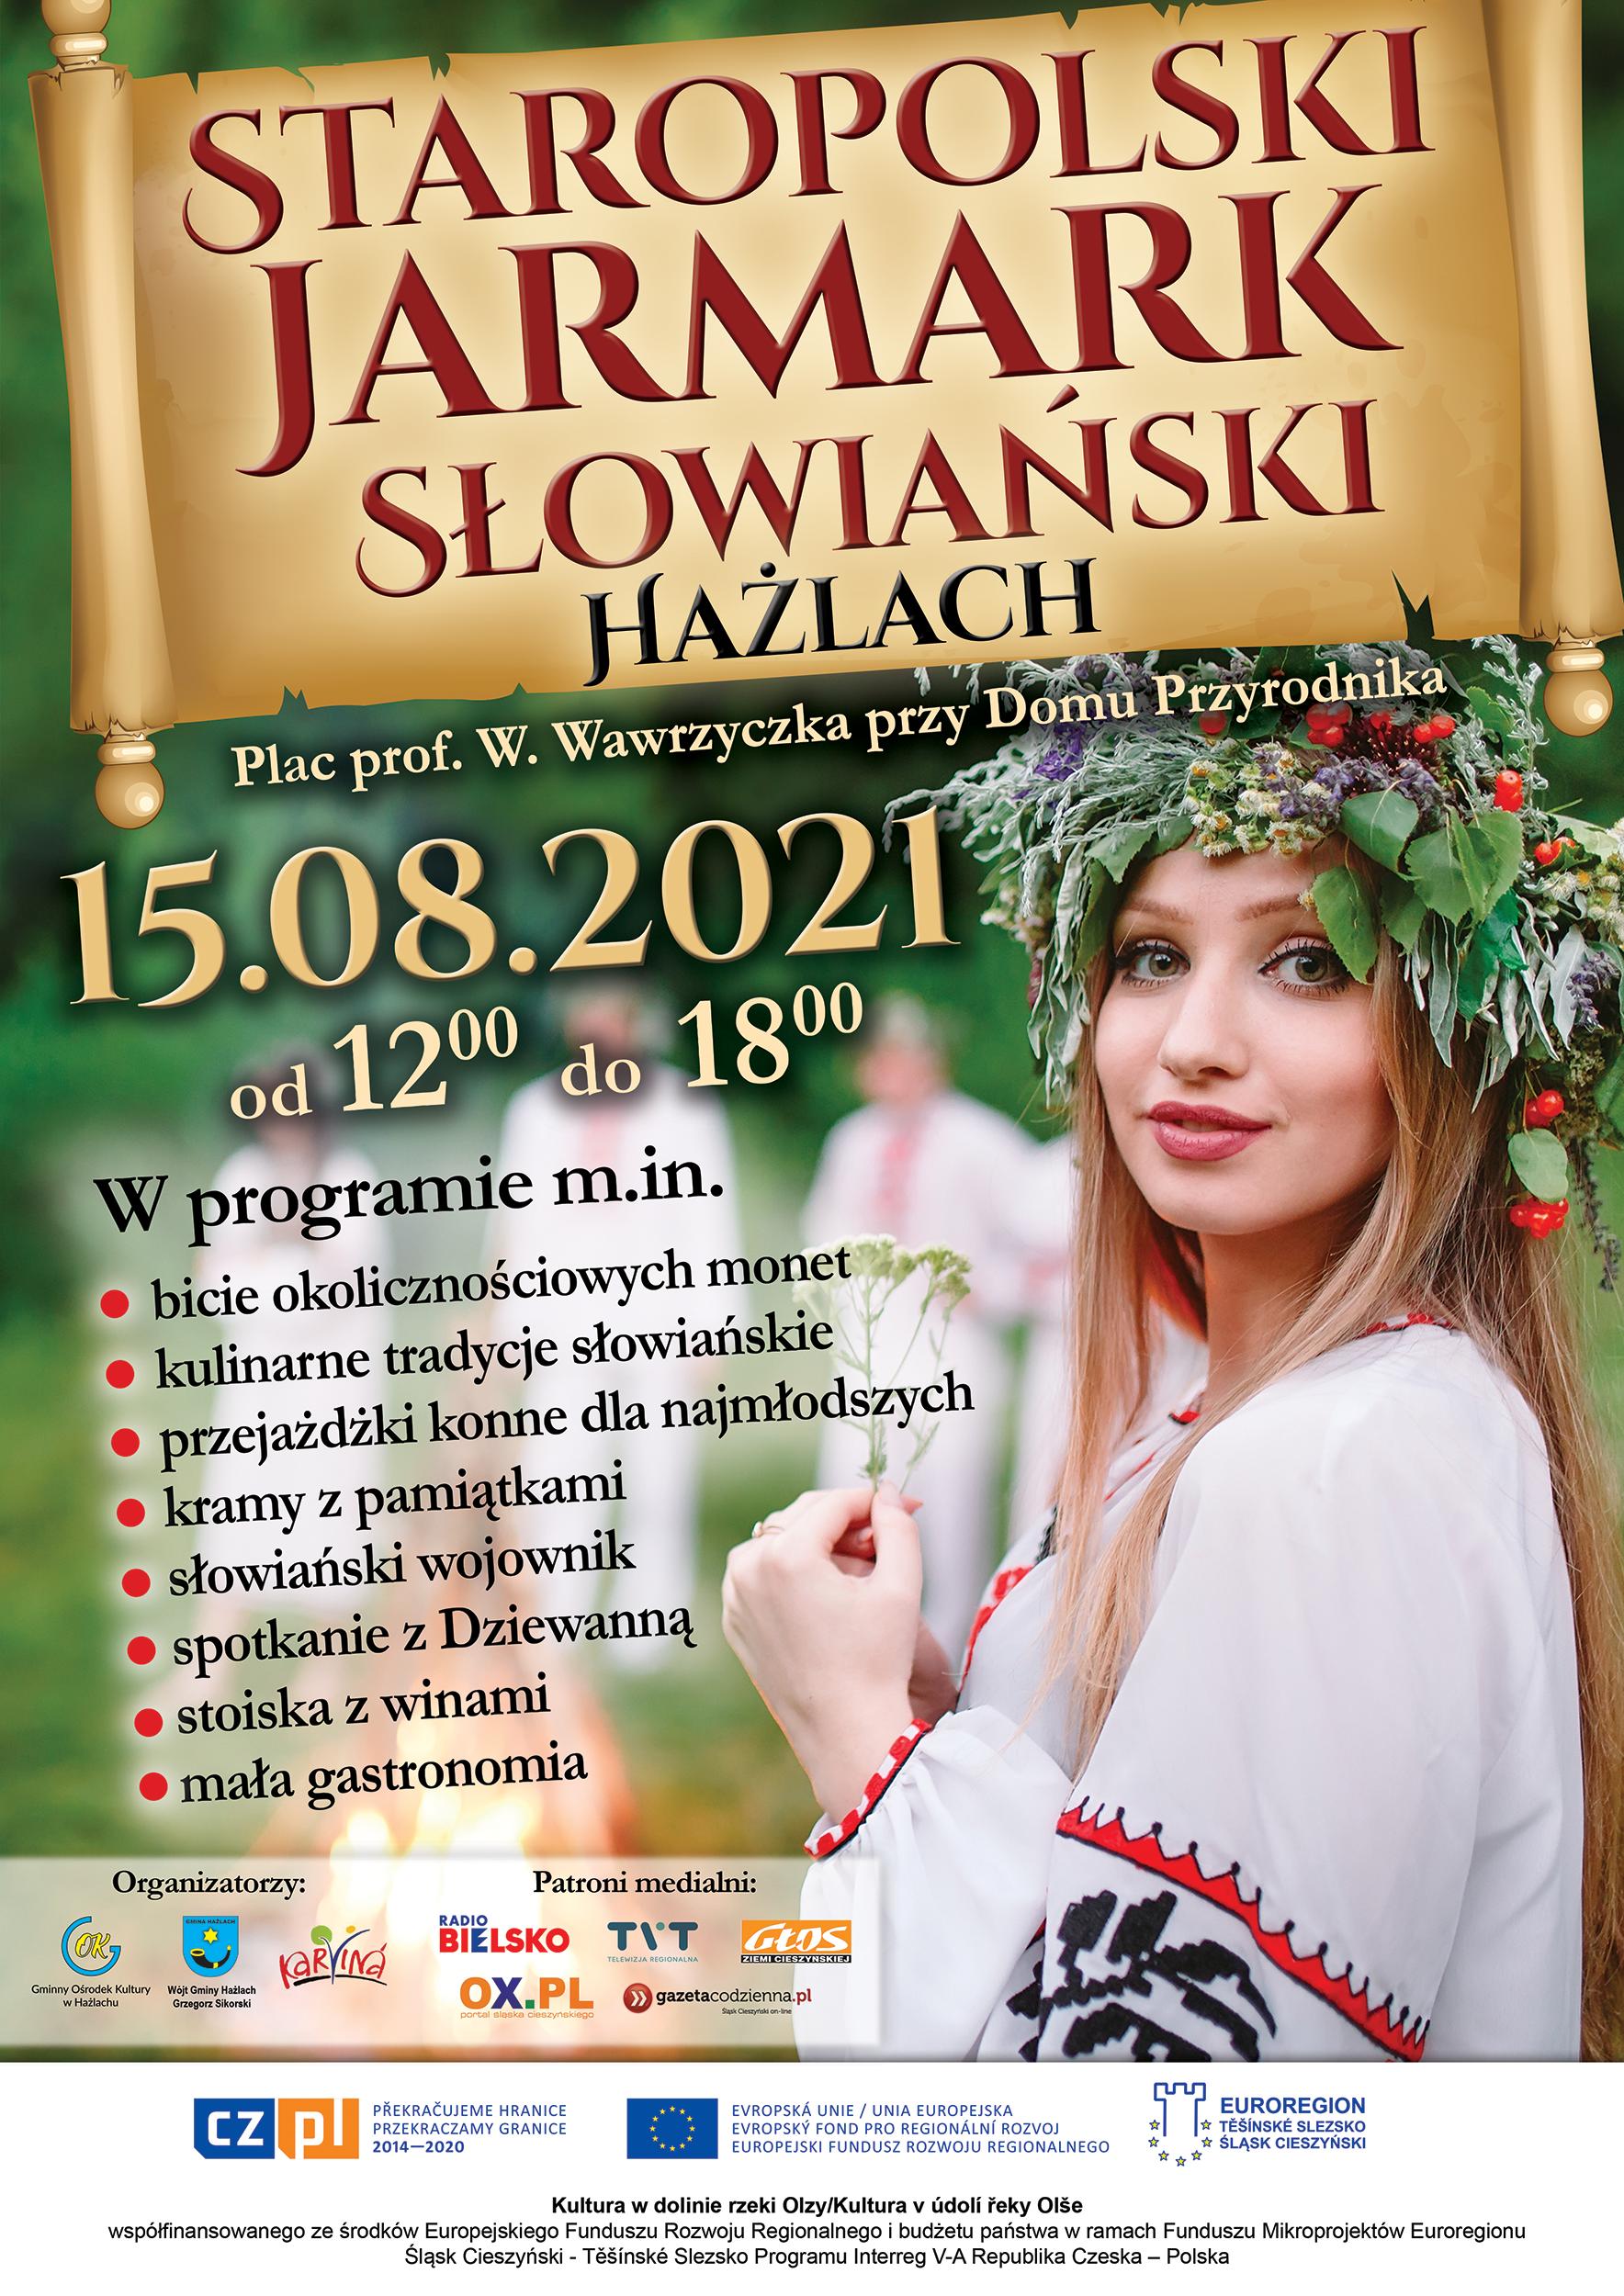 Staropolski Jarmark Słowiański Hażlach